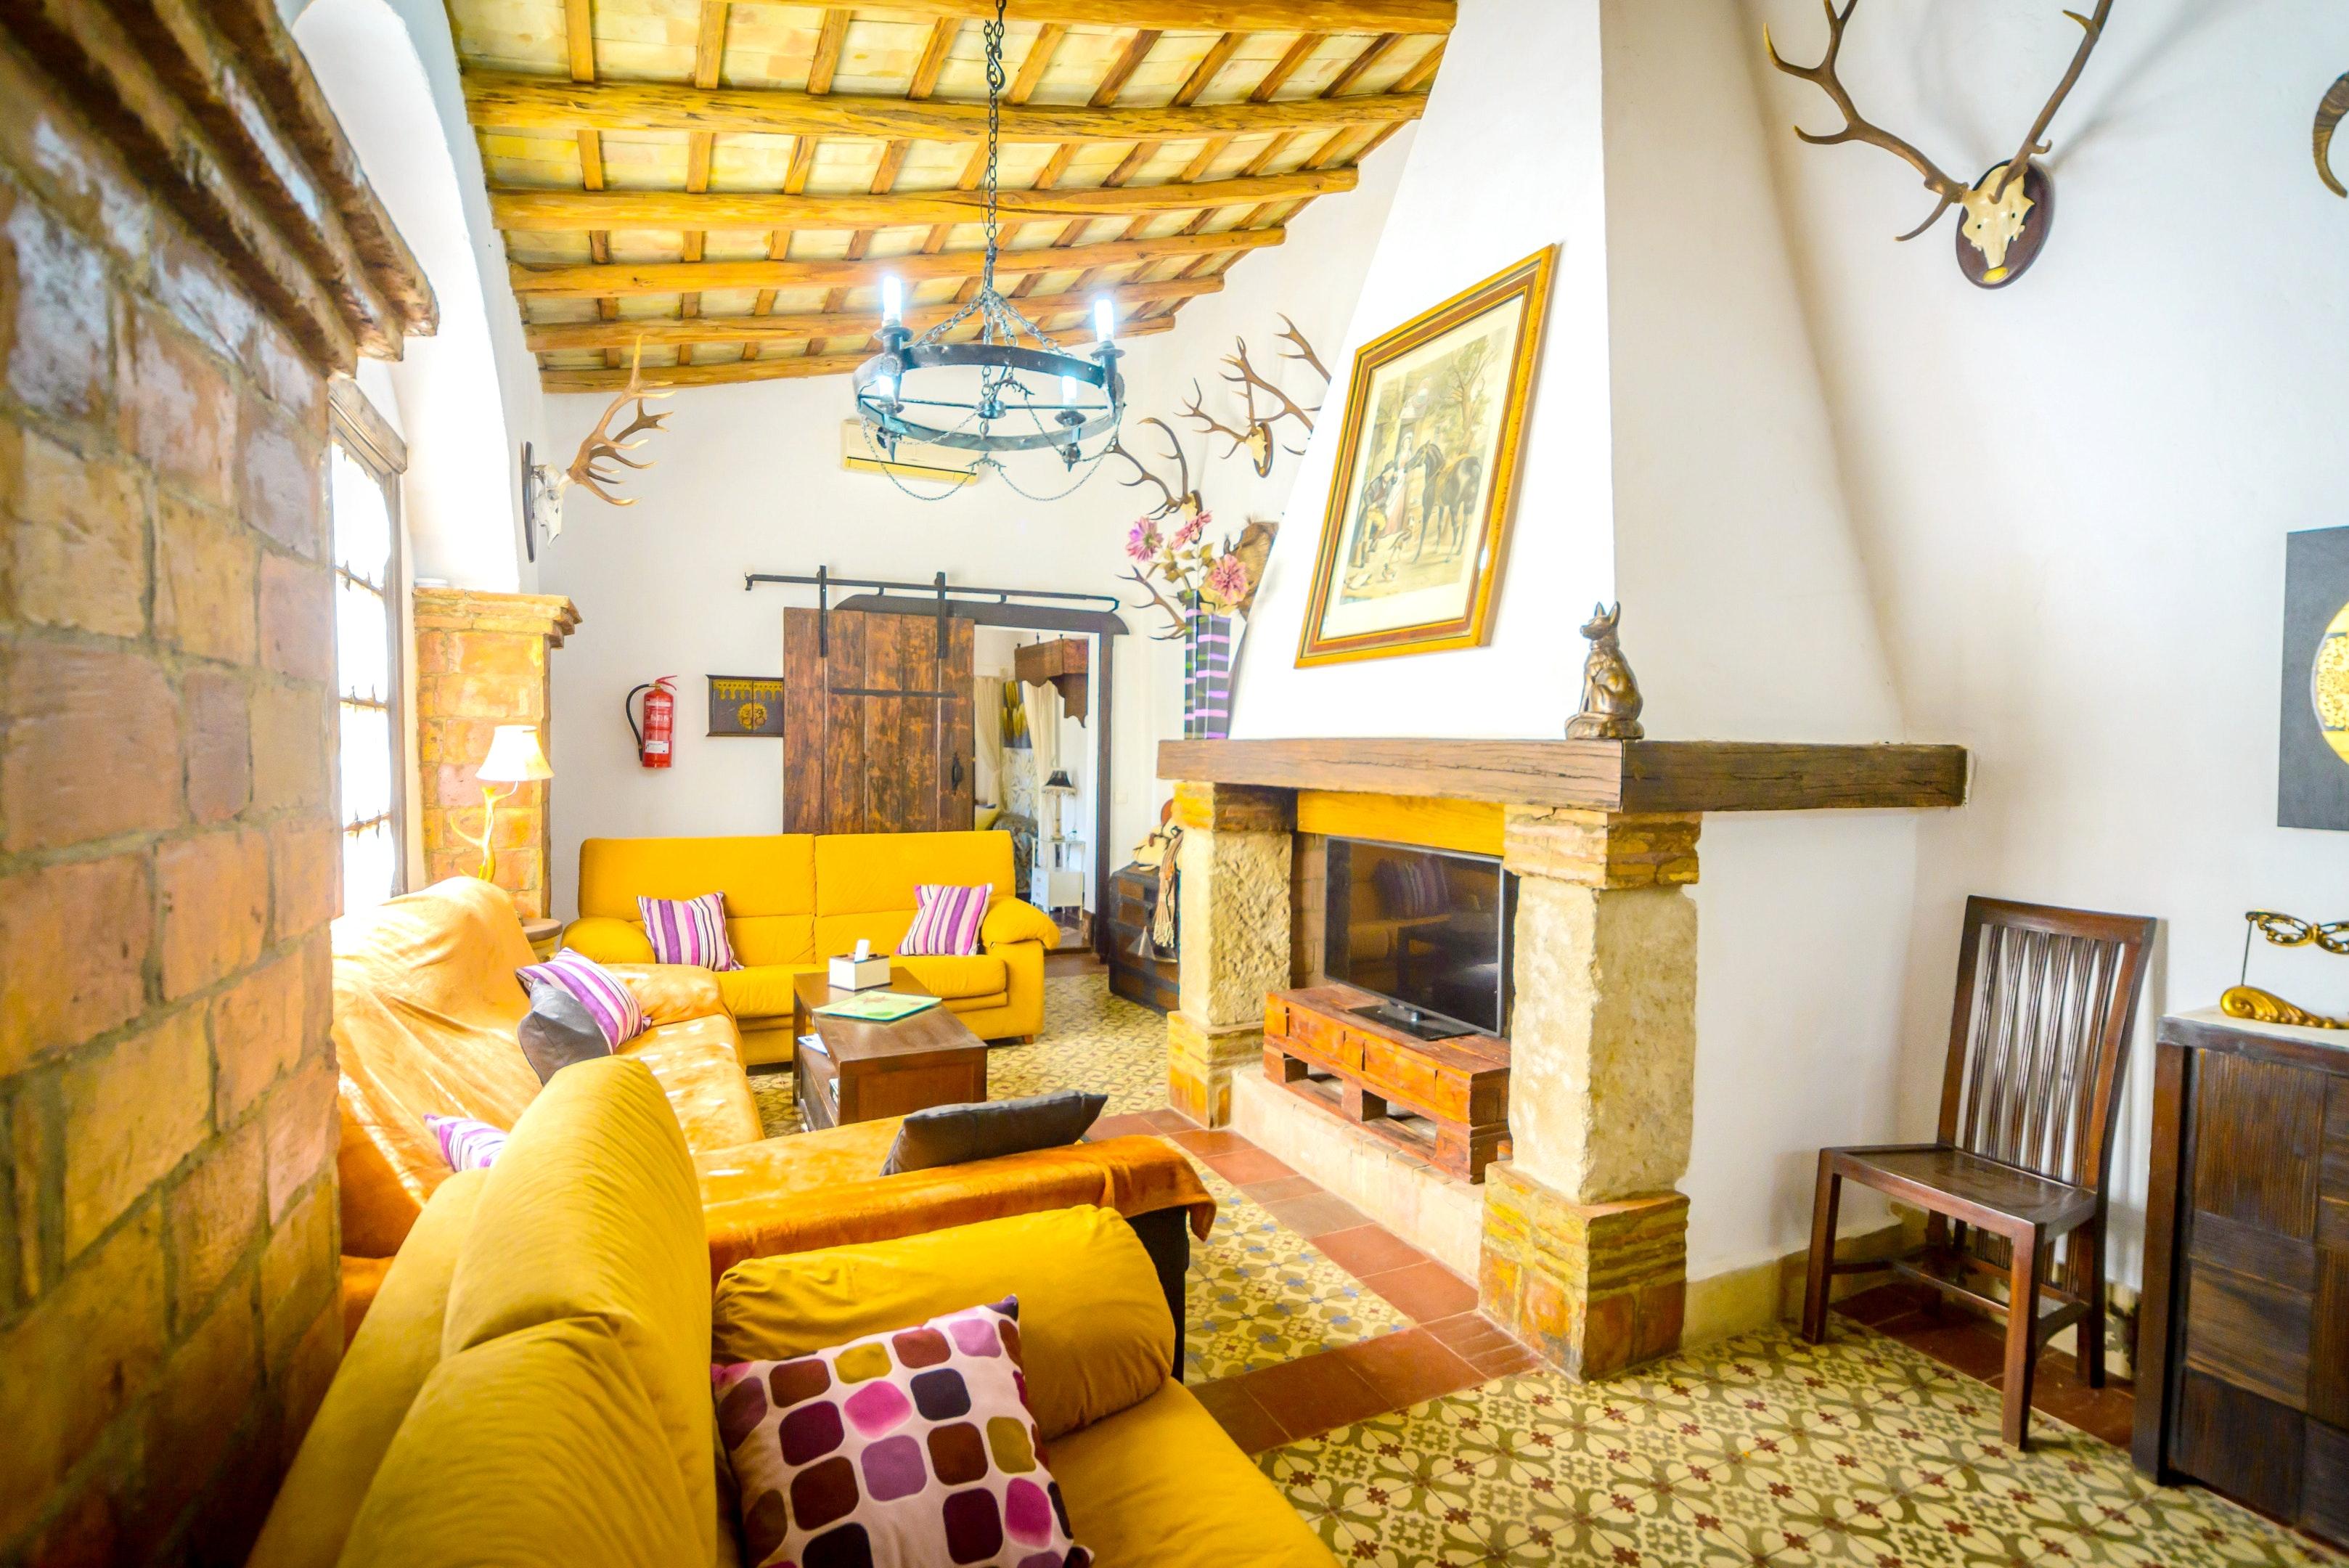 Ferienhaus Villa mit 3 Schlafzimmern in Peñaflor mit privatem Pool, eingezäuntem Garten und W-LAN (2208249), Peñaflor, Sevilla, Andalusien, Spanien, Bild 8